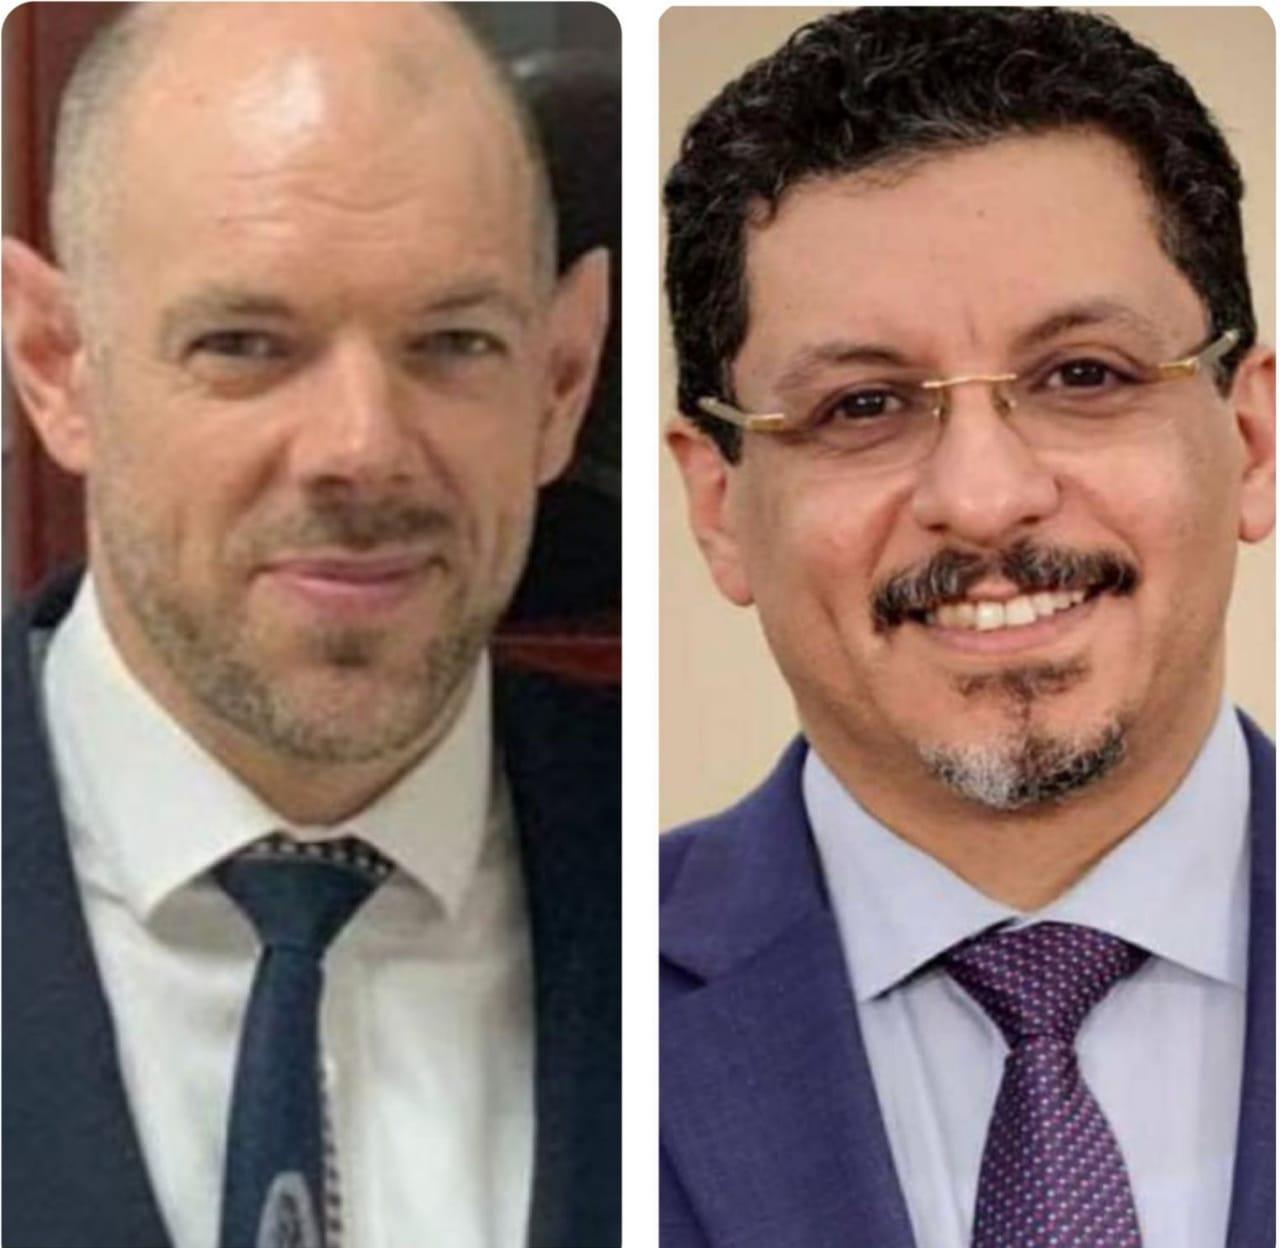 وزير الخارجية يناقش مع سفير بريطانيا تطورات الأوضاع في اليمن